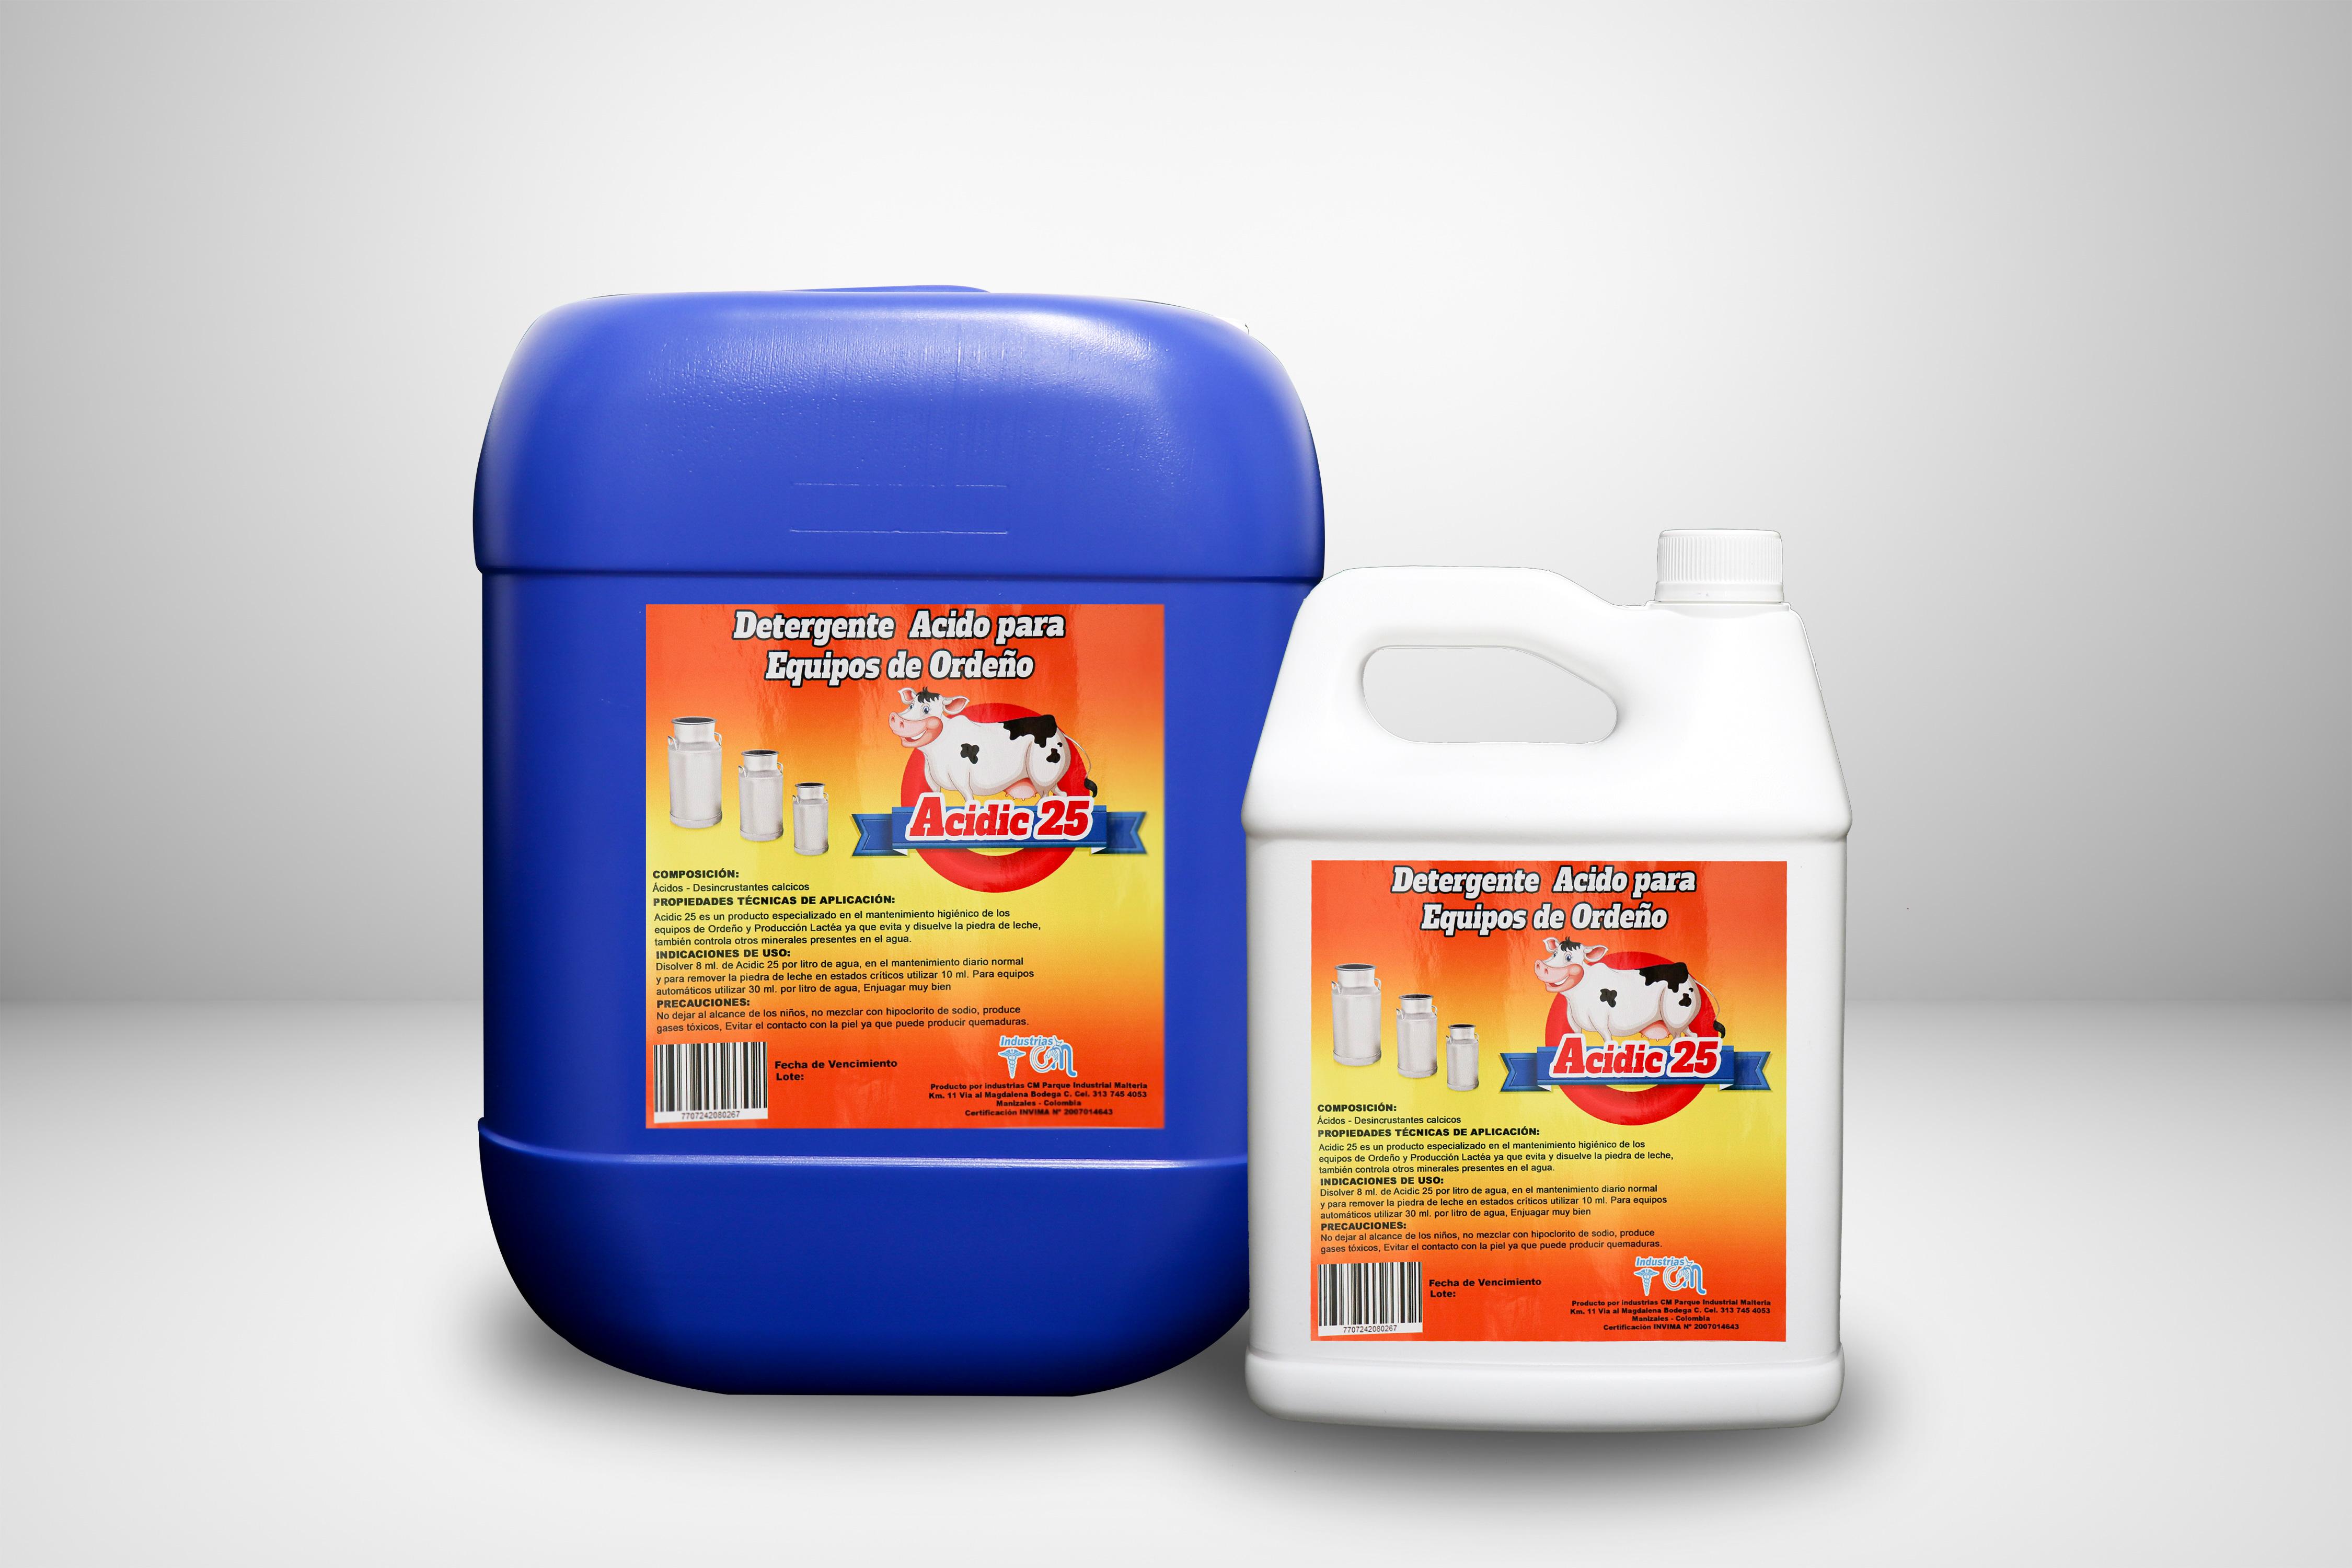 Acidic-25